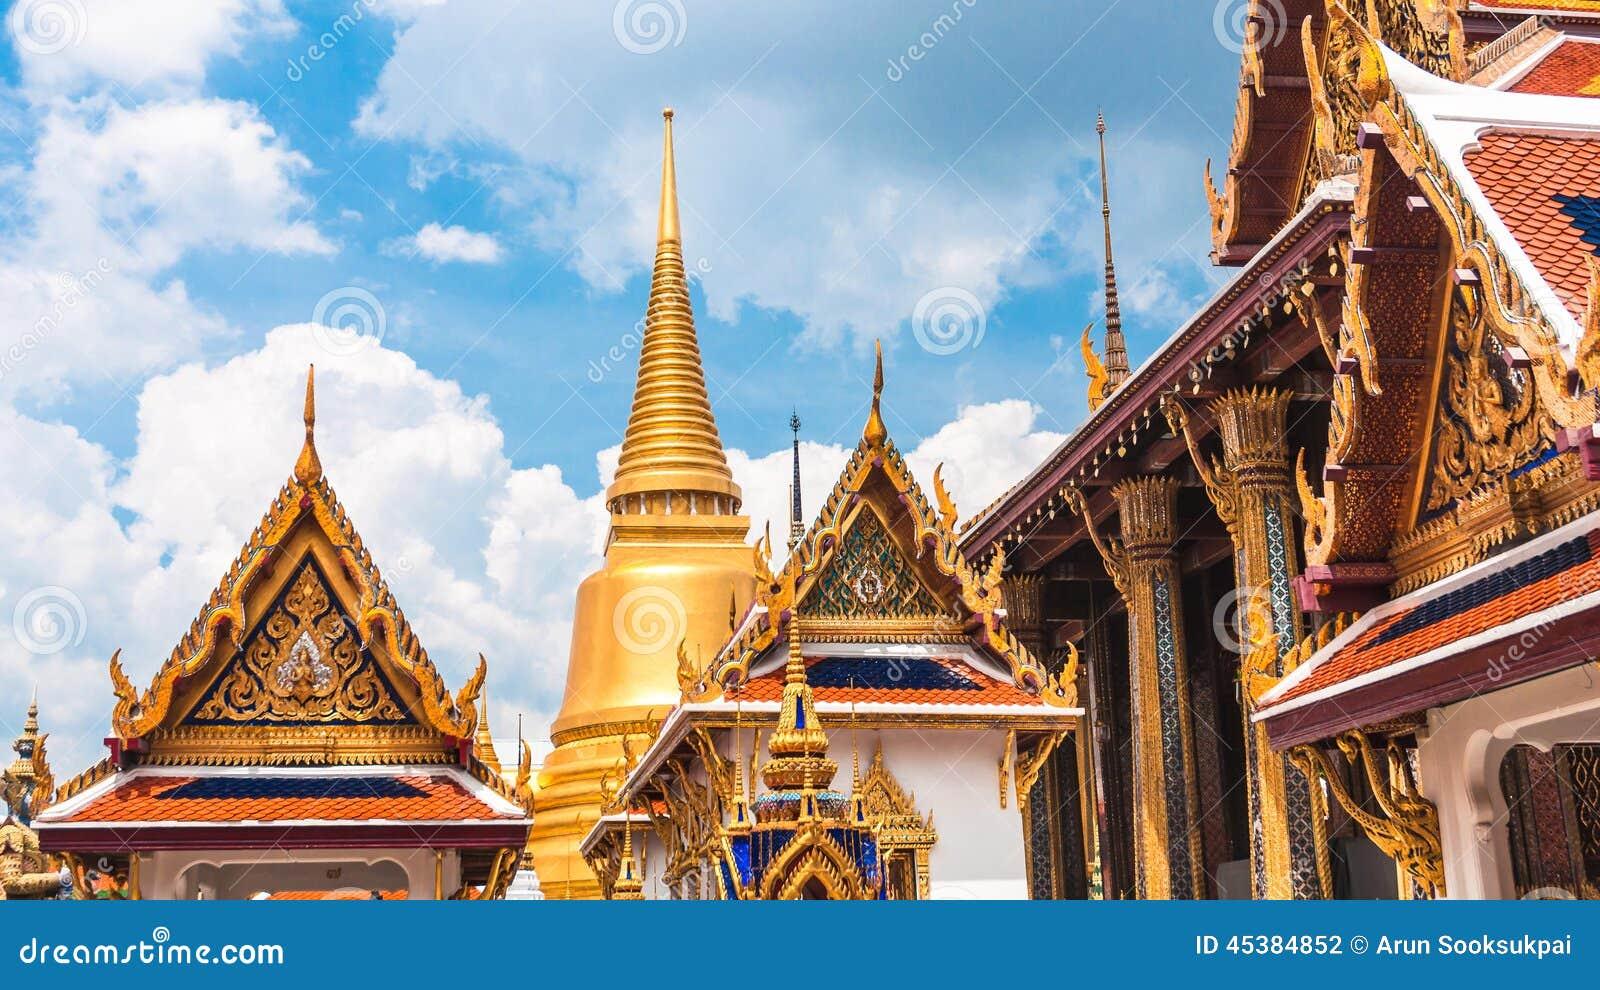 曼谷玉佛寺,盛大宫殿在曼谷,泰国 图库摄影片图片